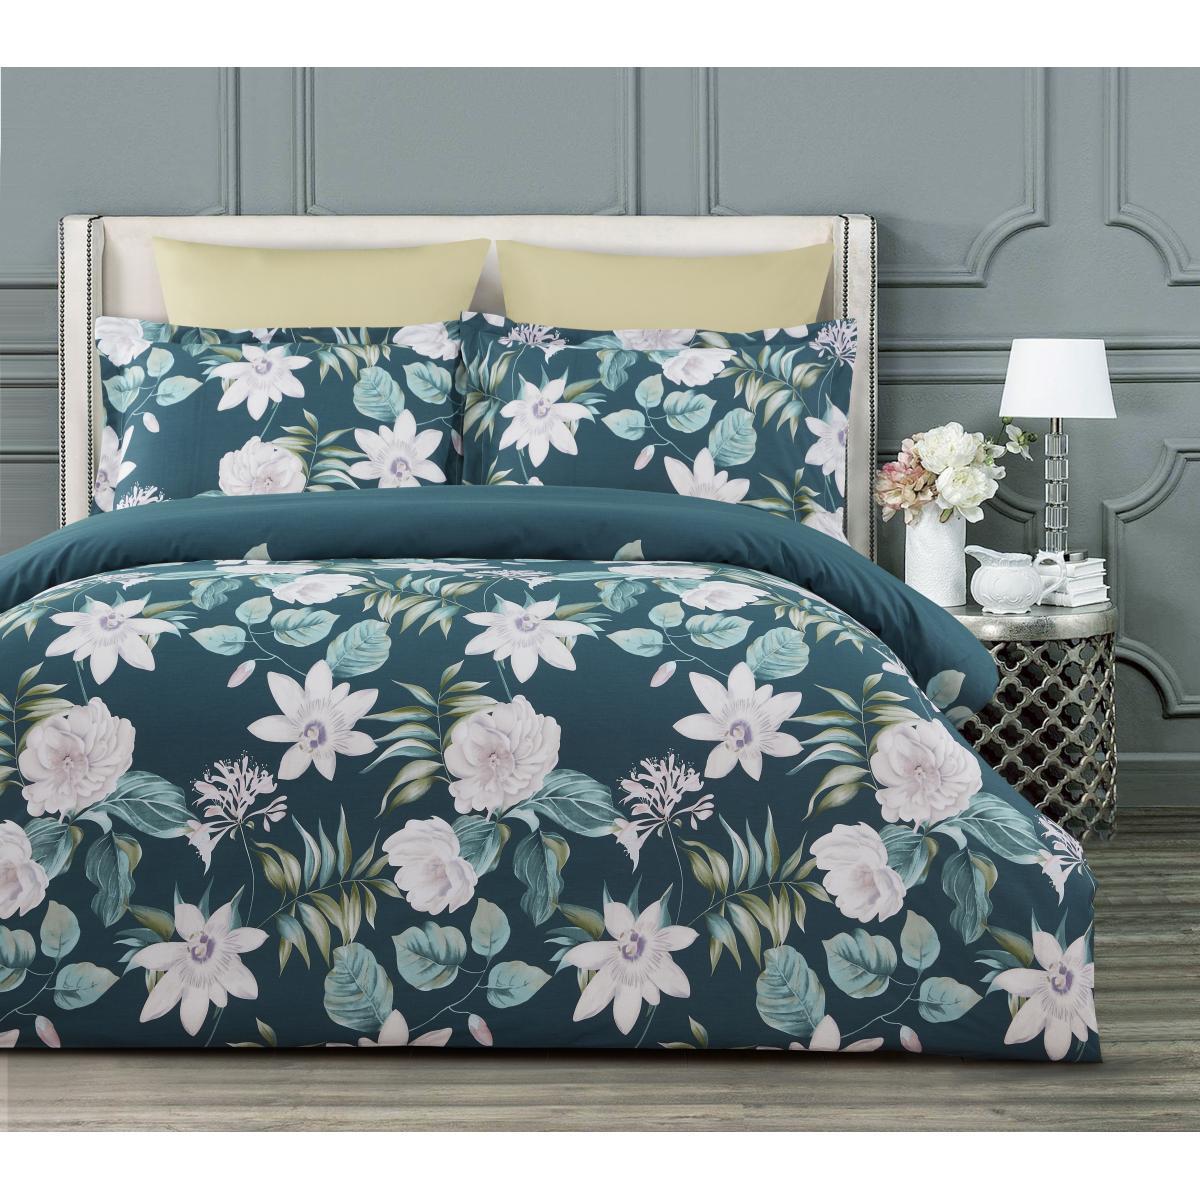 Комплект постельного белья Arya семейный Alamode Miri 160х220 см (A106981)